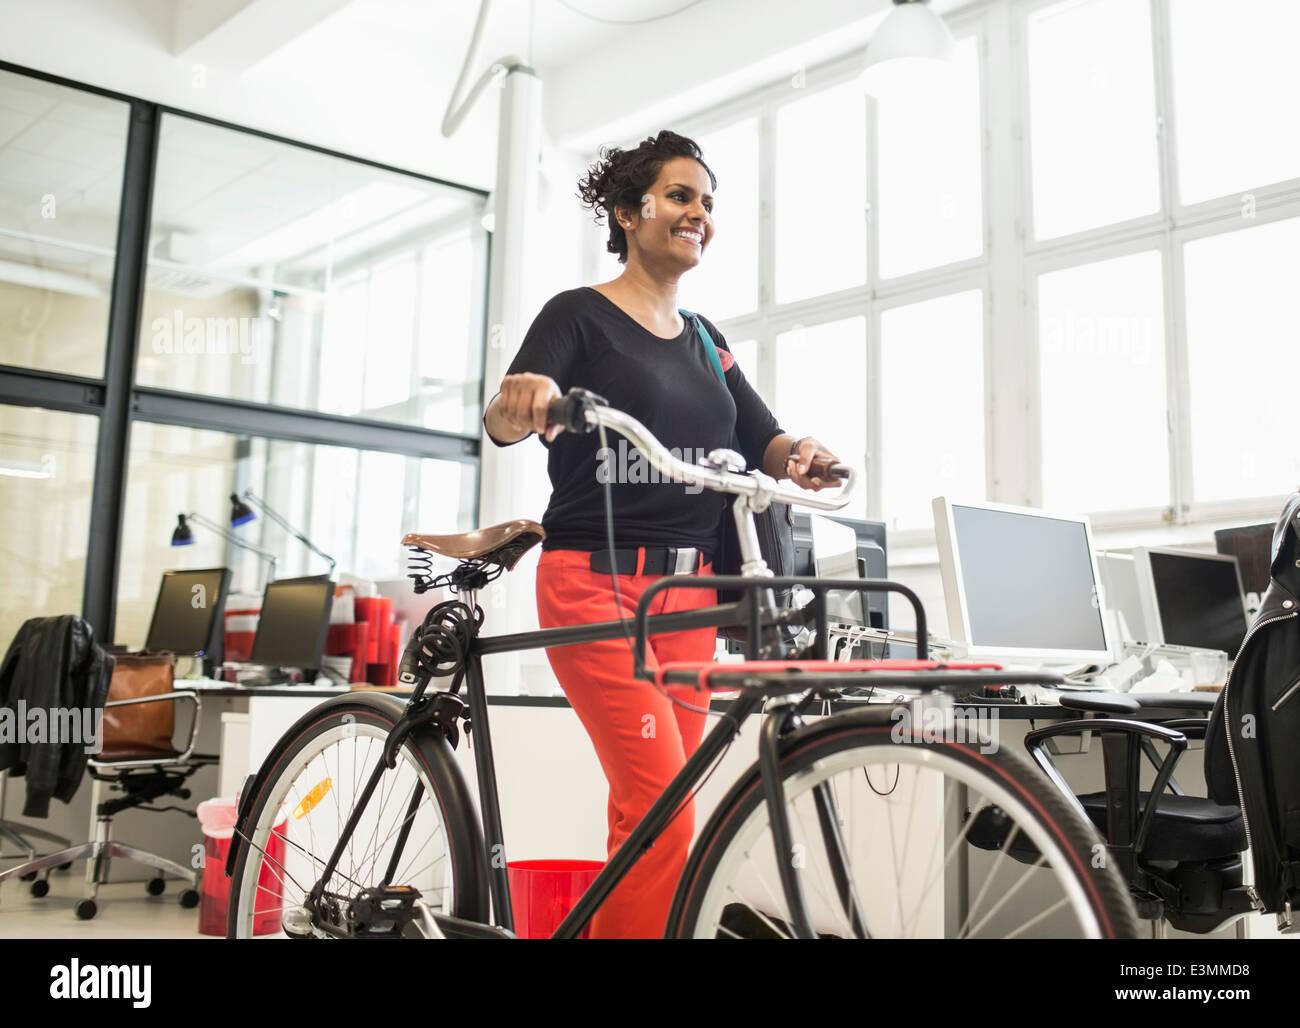 La empresaria sonriendo con bicicleta andando en la oficina creativa Imagen De Stock